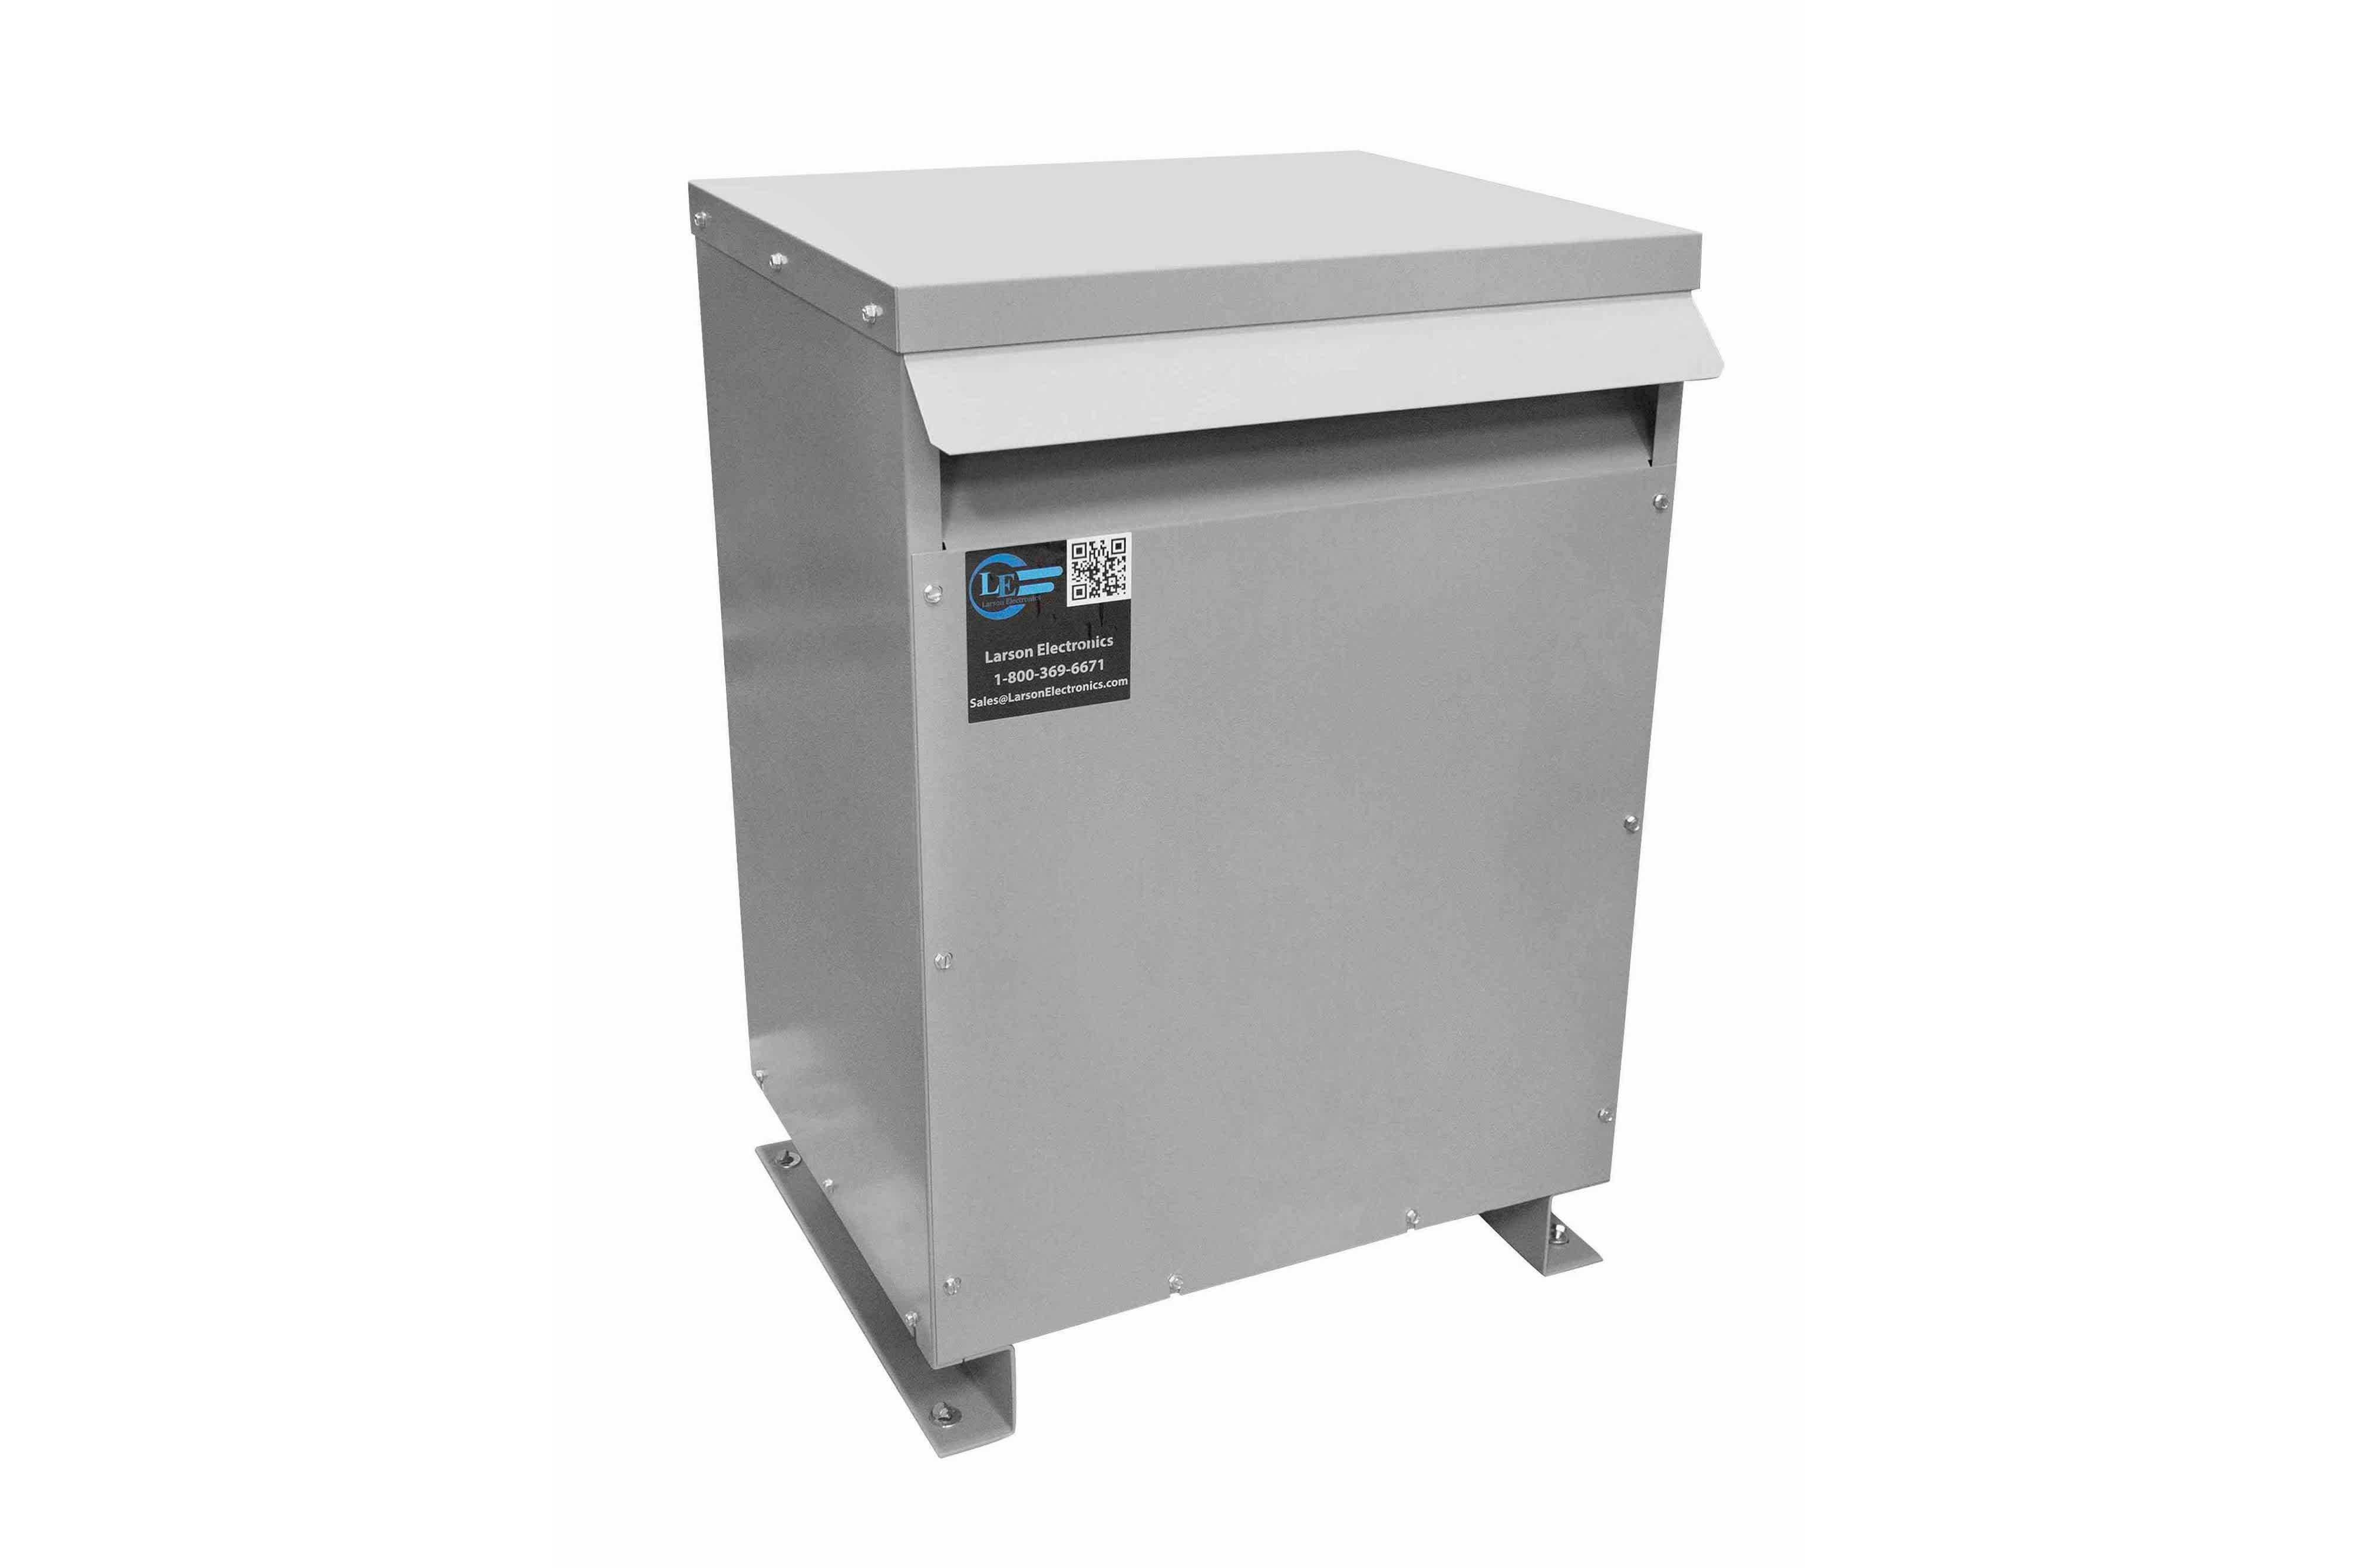 10 kVA 3PH Isolation Transformer, 208V Delta Primary, 400V Delta Secondary, N3R, Ventilated, 60 Hz